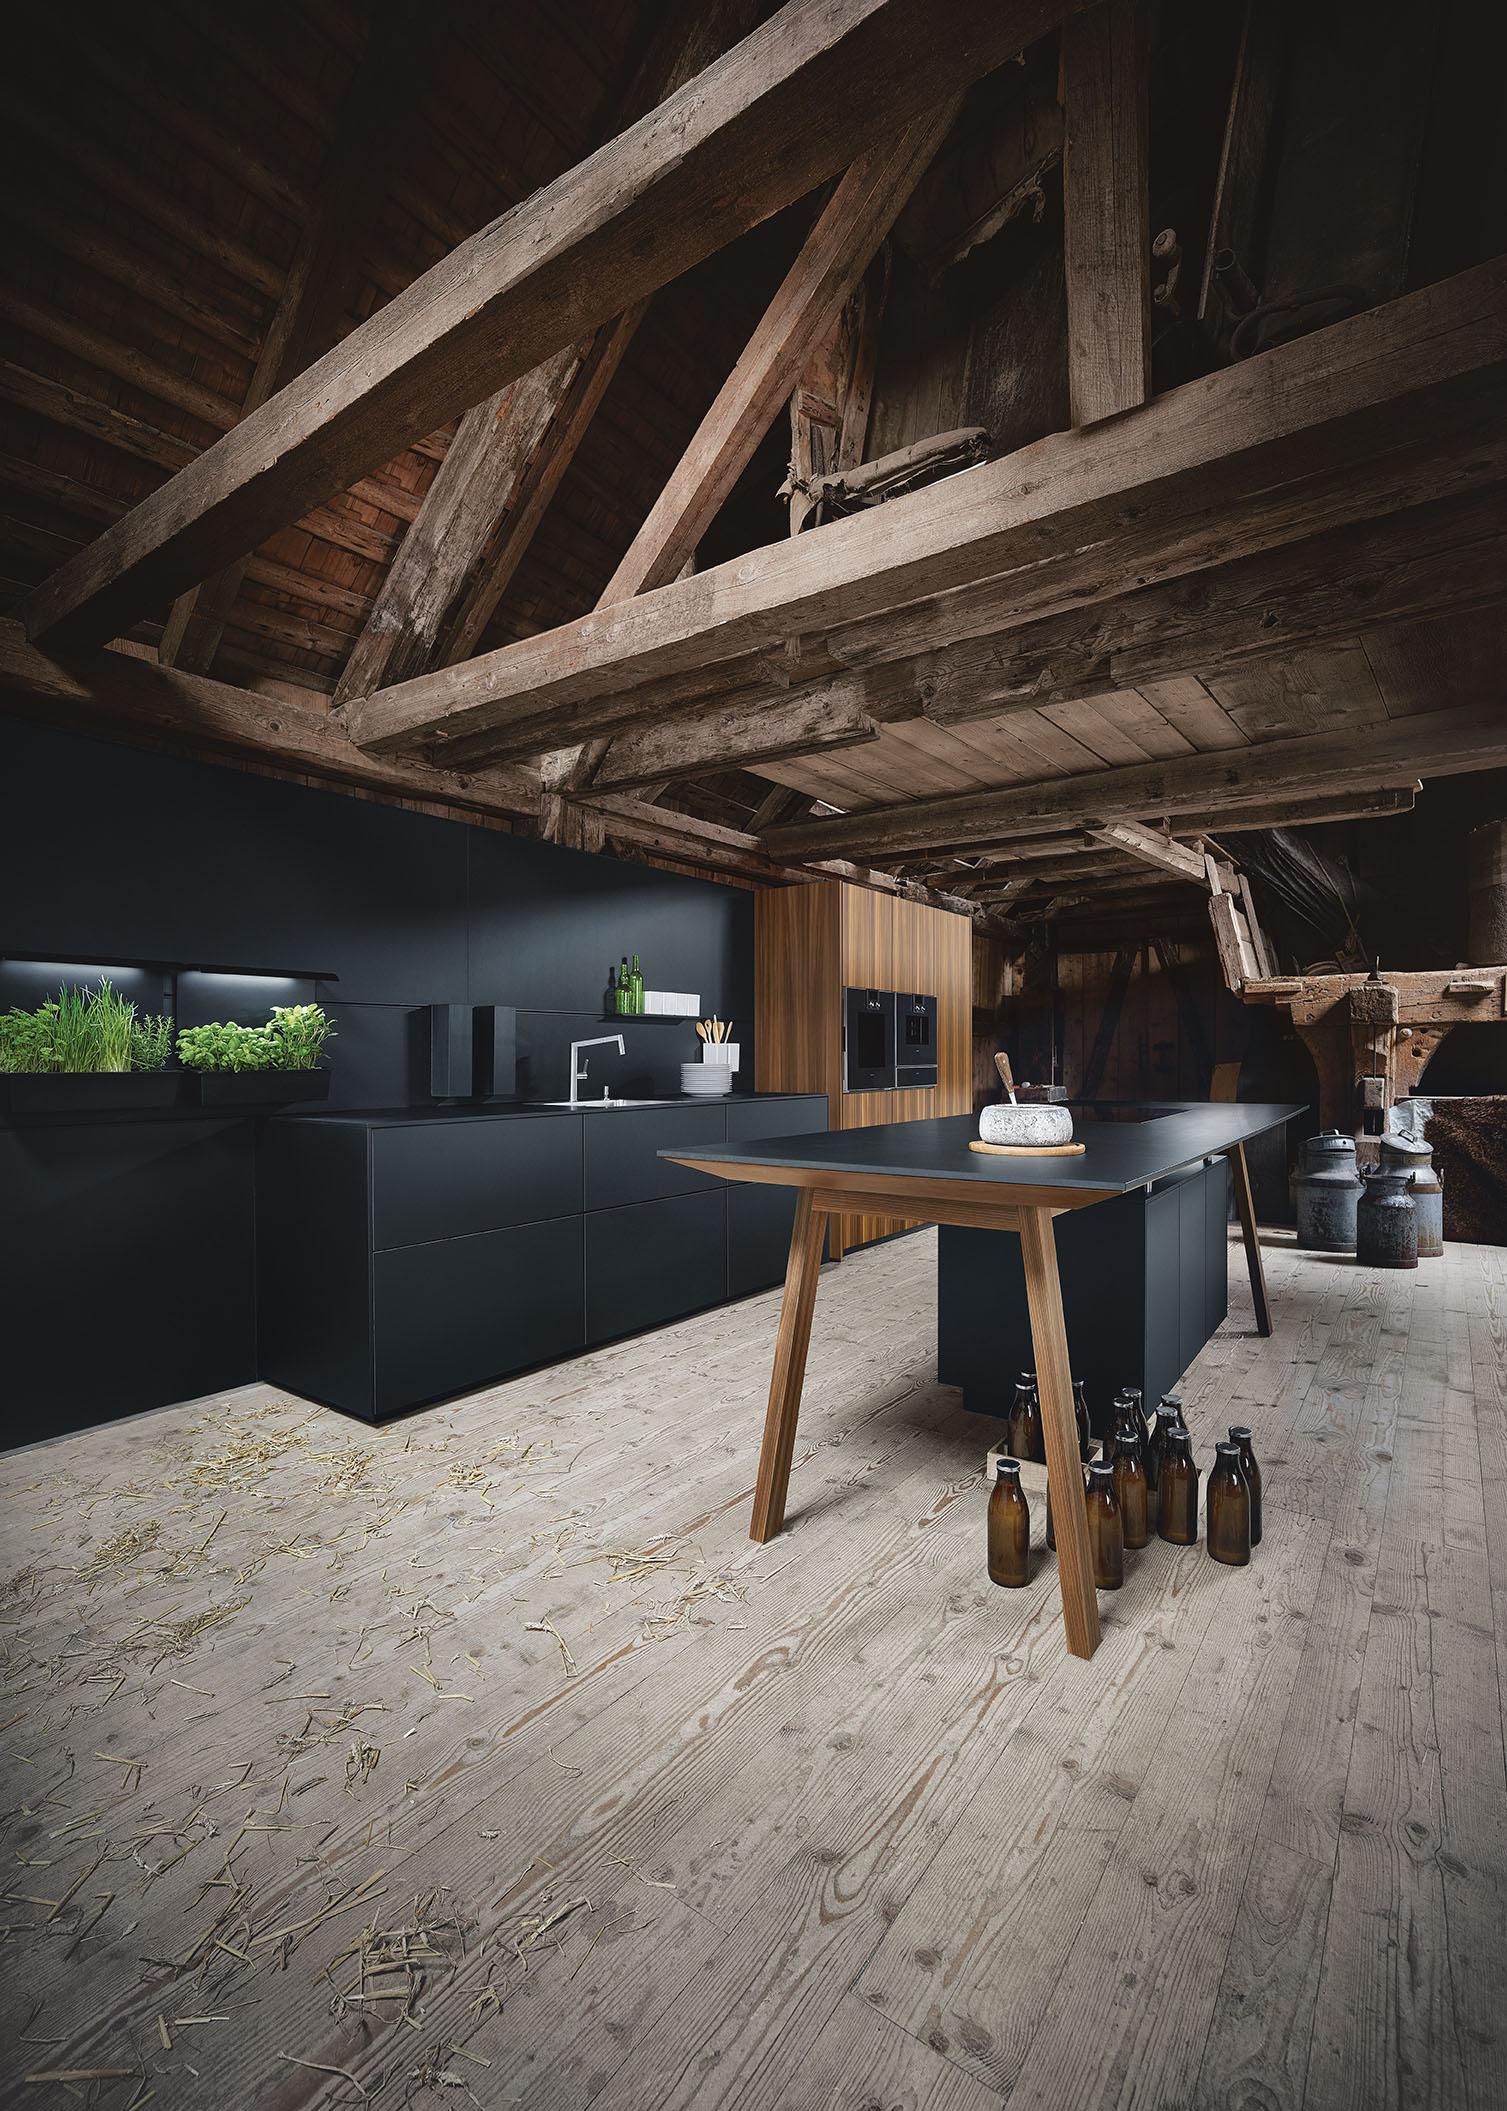 Cuisine ultra moderne bois et marbre noir alliance style nordique scandinave